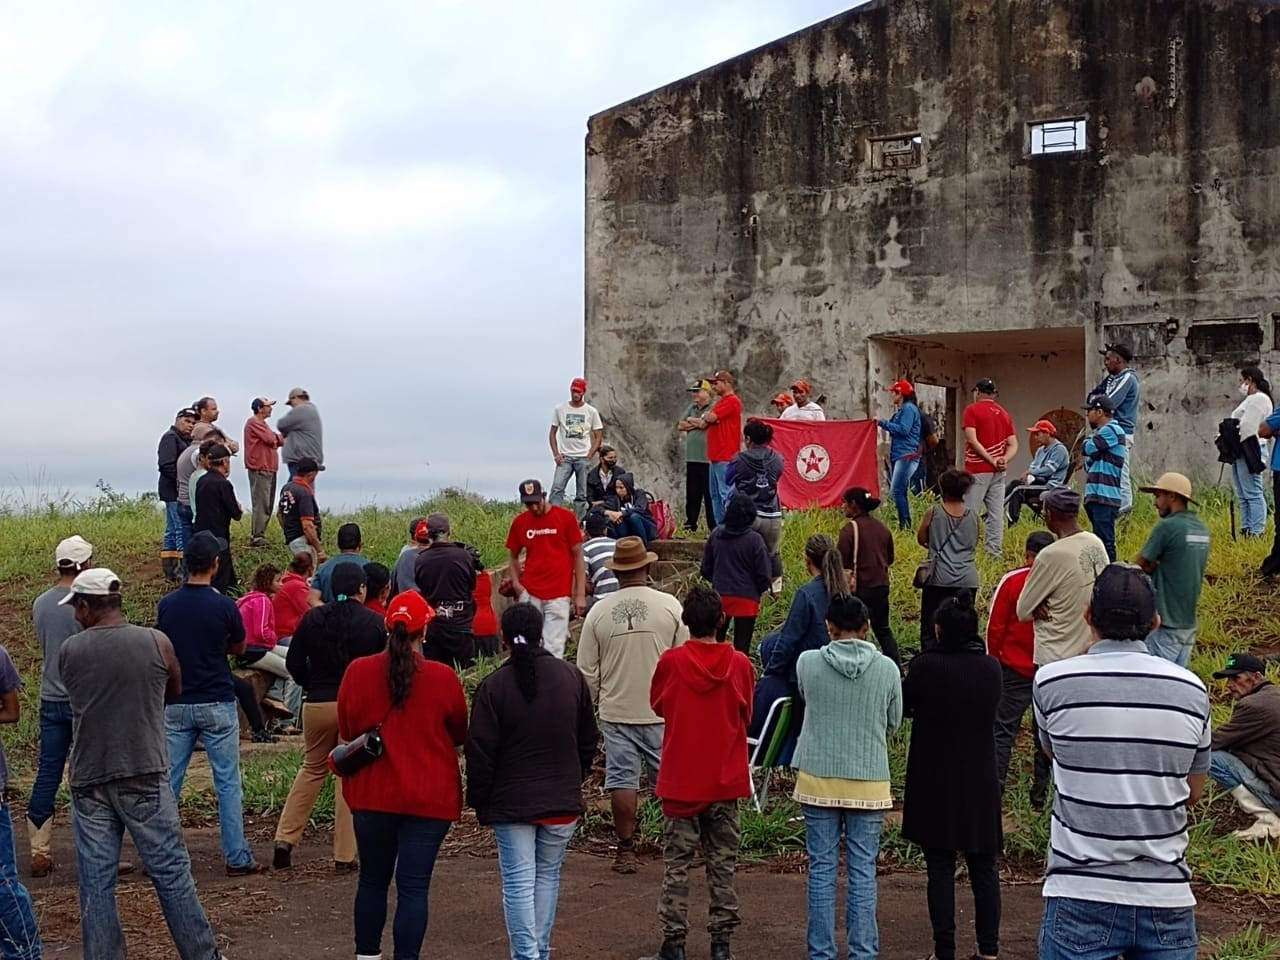 Movimento social ocupa fazendas em três cidades do Pontal do Paranapanema